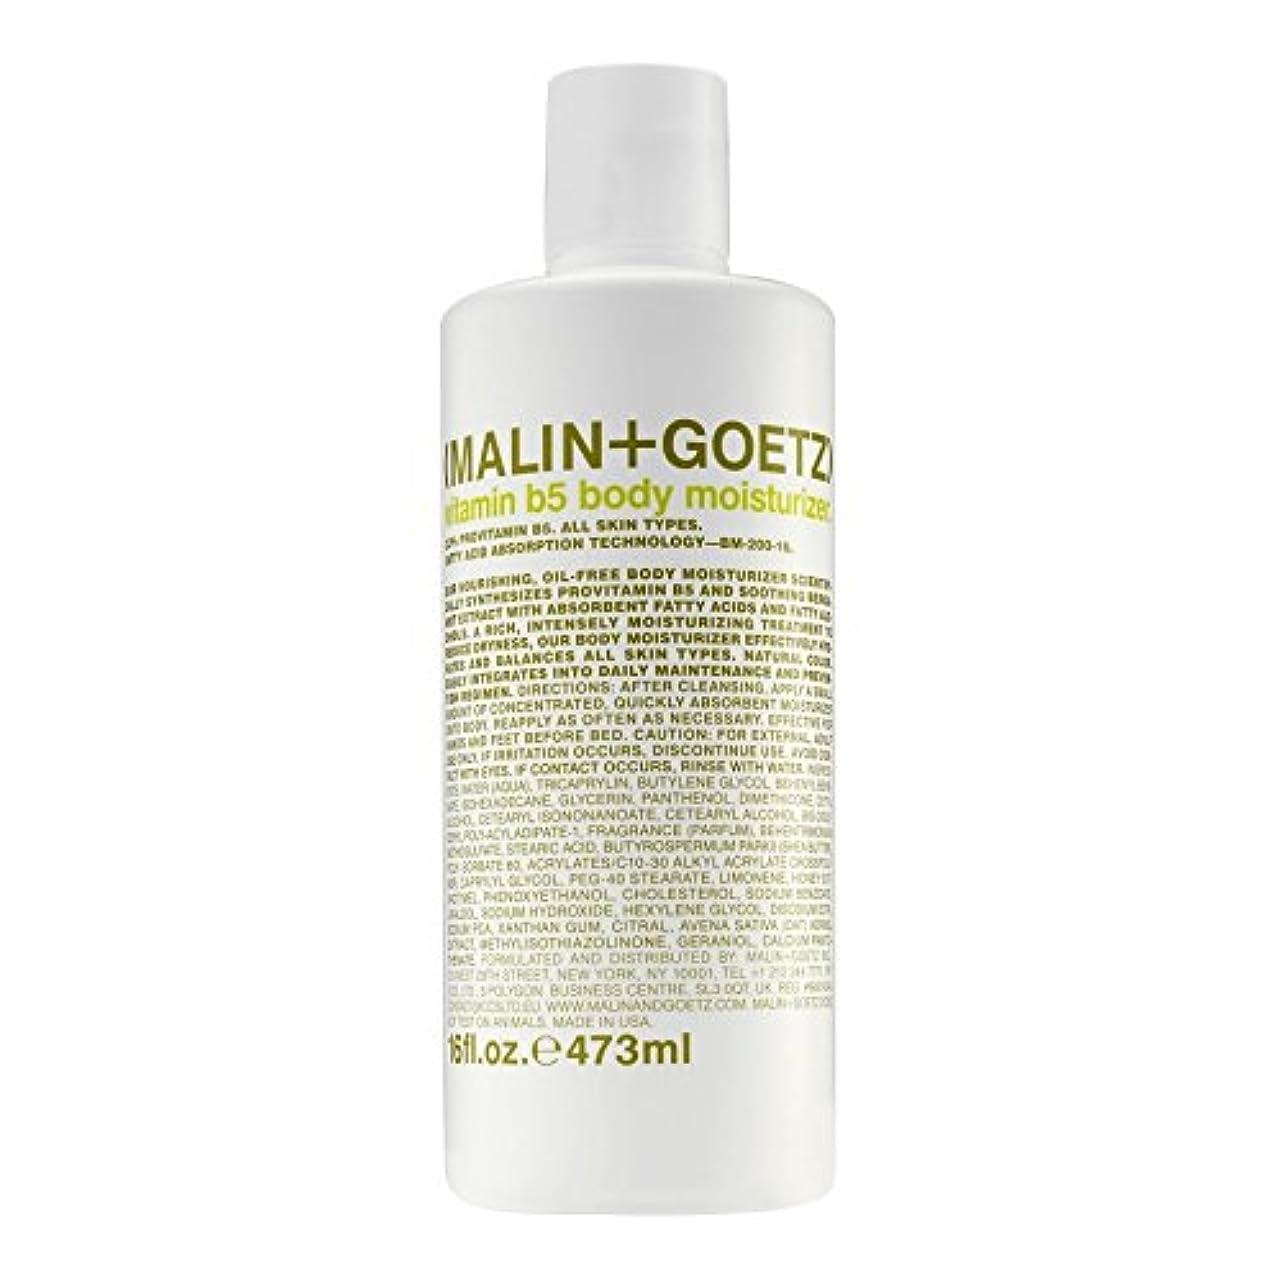 ハイランドラッカスマリン+ゲッツビタミン5ボディモイスチャライザーの473ミリリットル x4 - MALIN+GOETZ Vitamin B5 Body Moisturiser 473ml (Pack of 4) [並行輸入品]